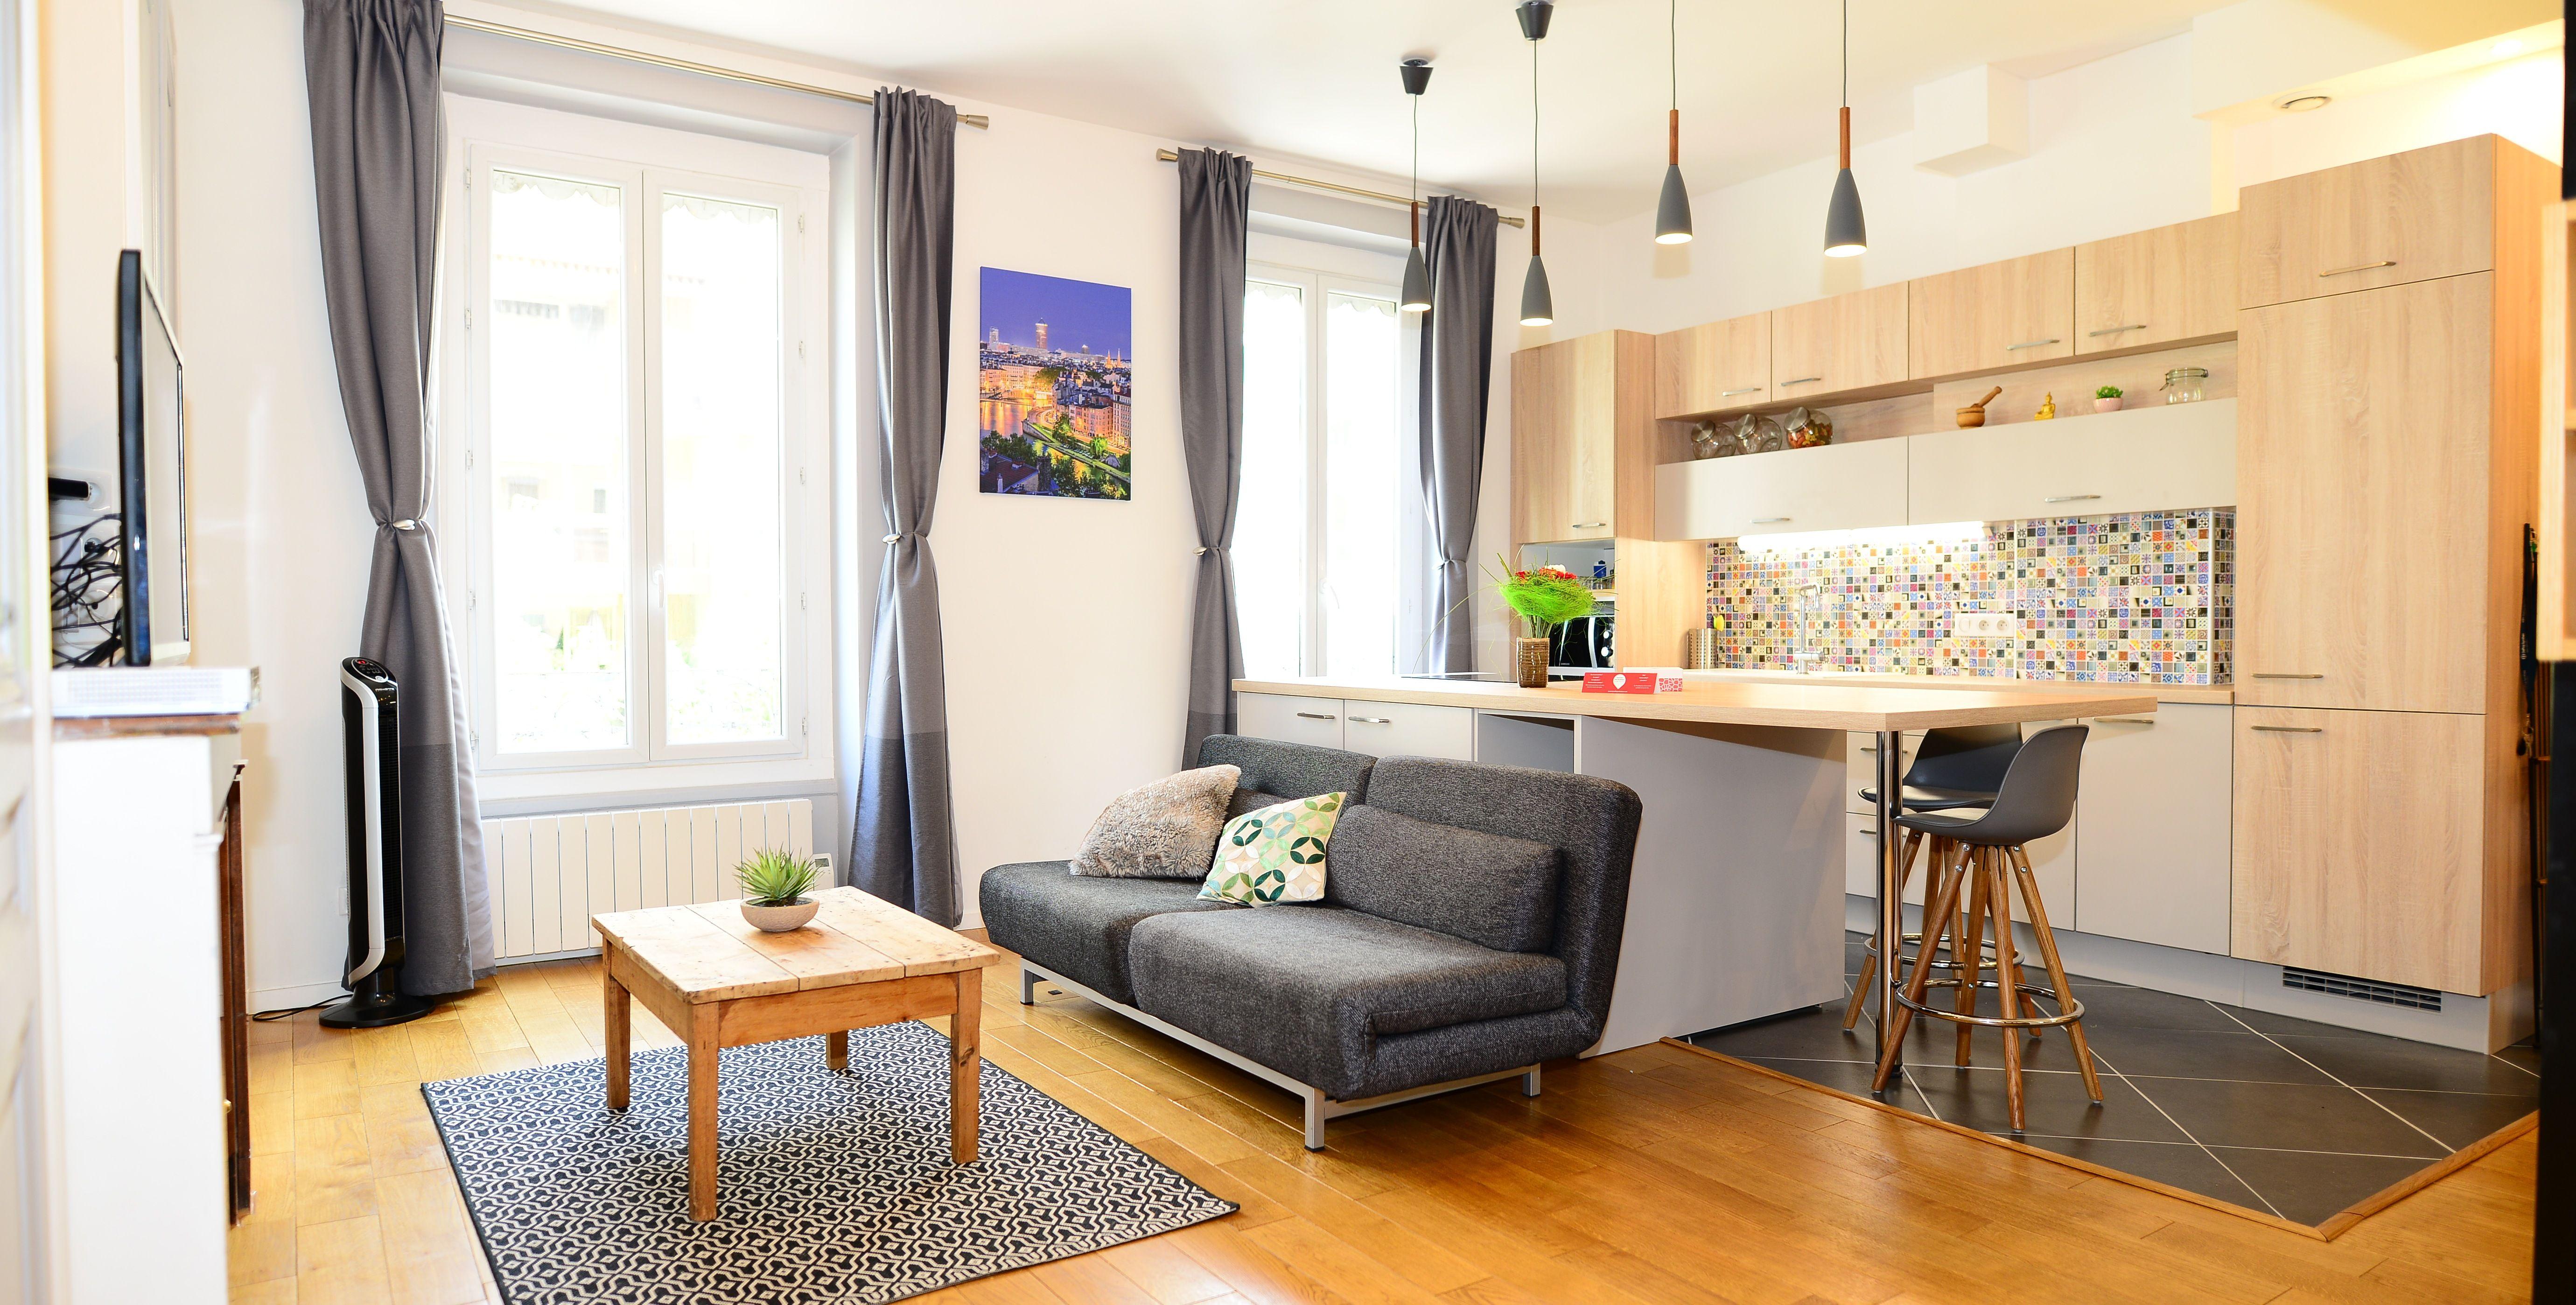 Epingle Par Appart Ambiance Sur Inspirations Interieur Meuble Appartement Location Appartement